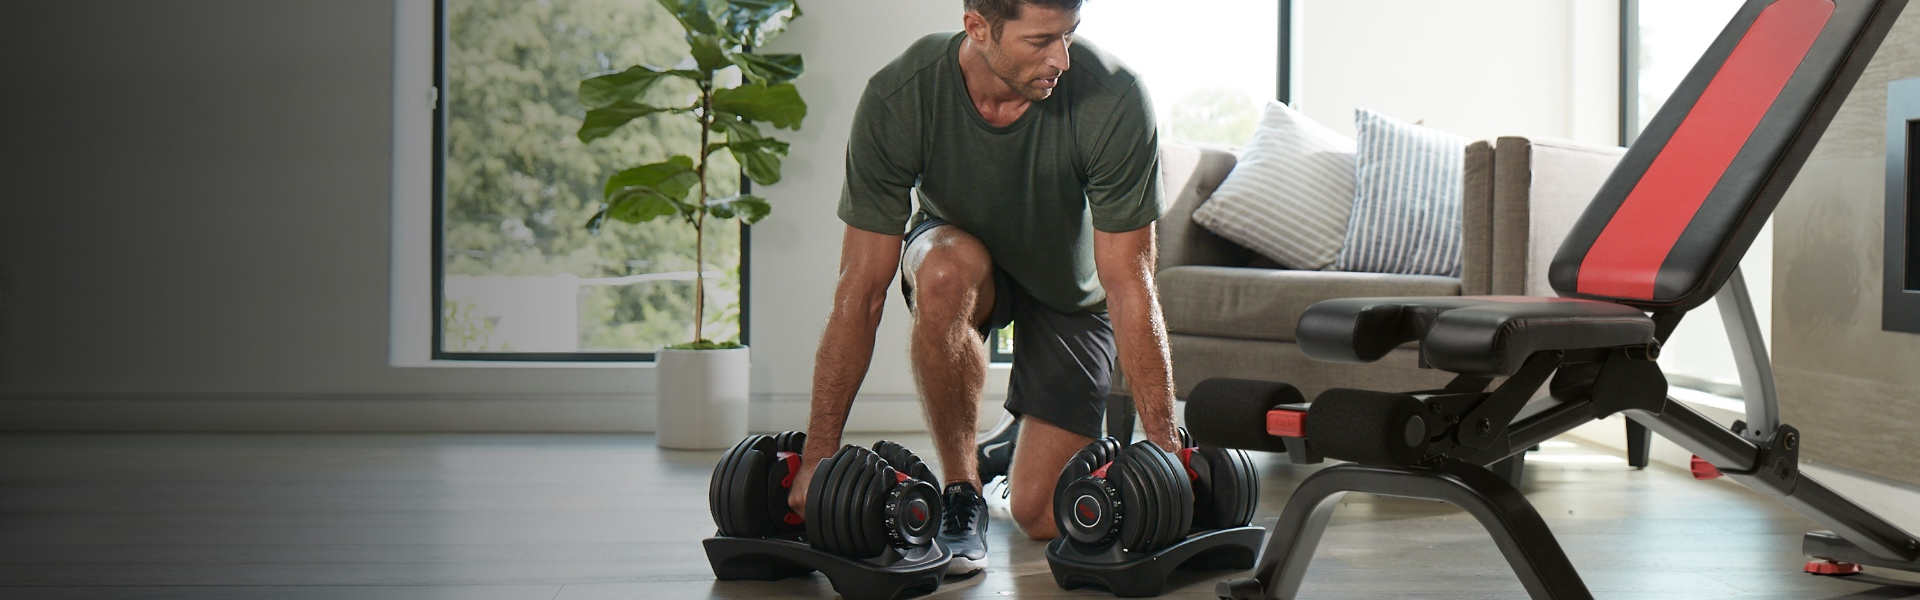 A man using Bowflex SelectTech 552 Dumbbells and a Bowflex Bench